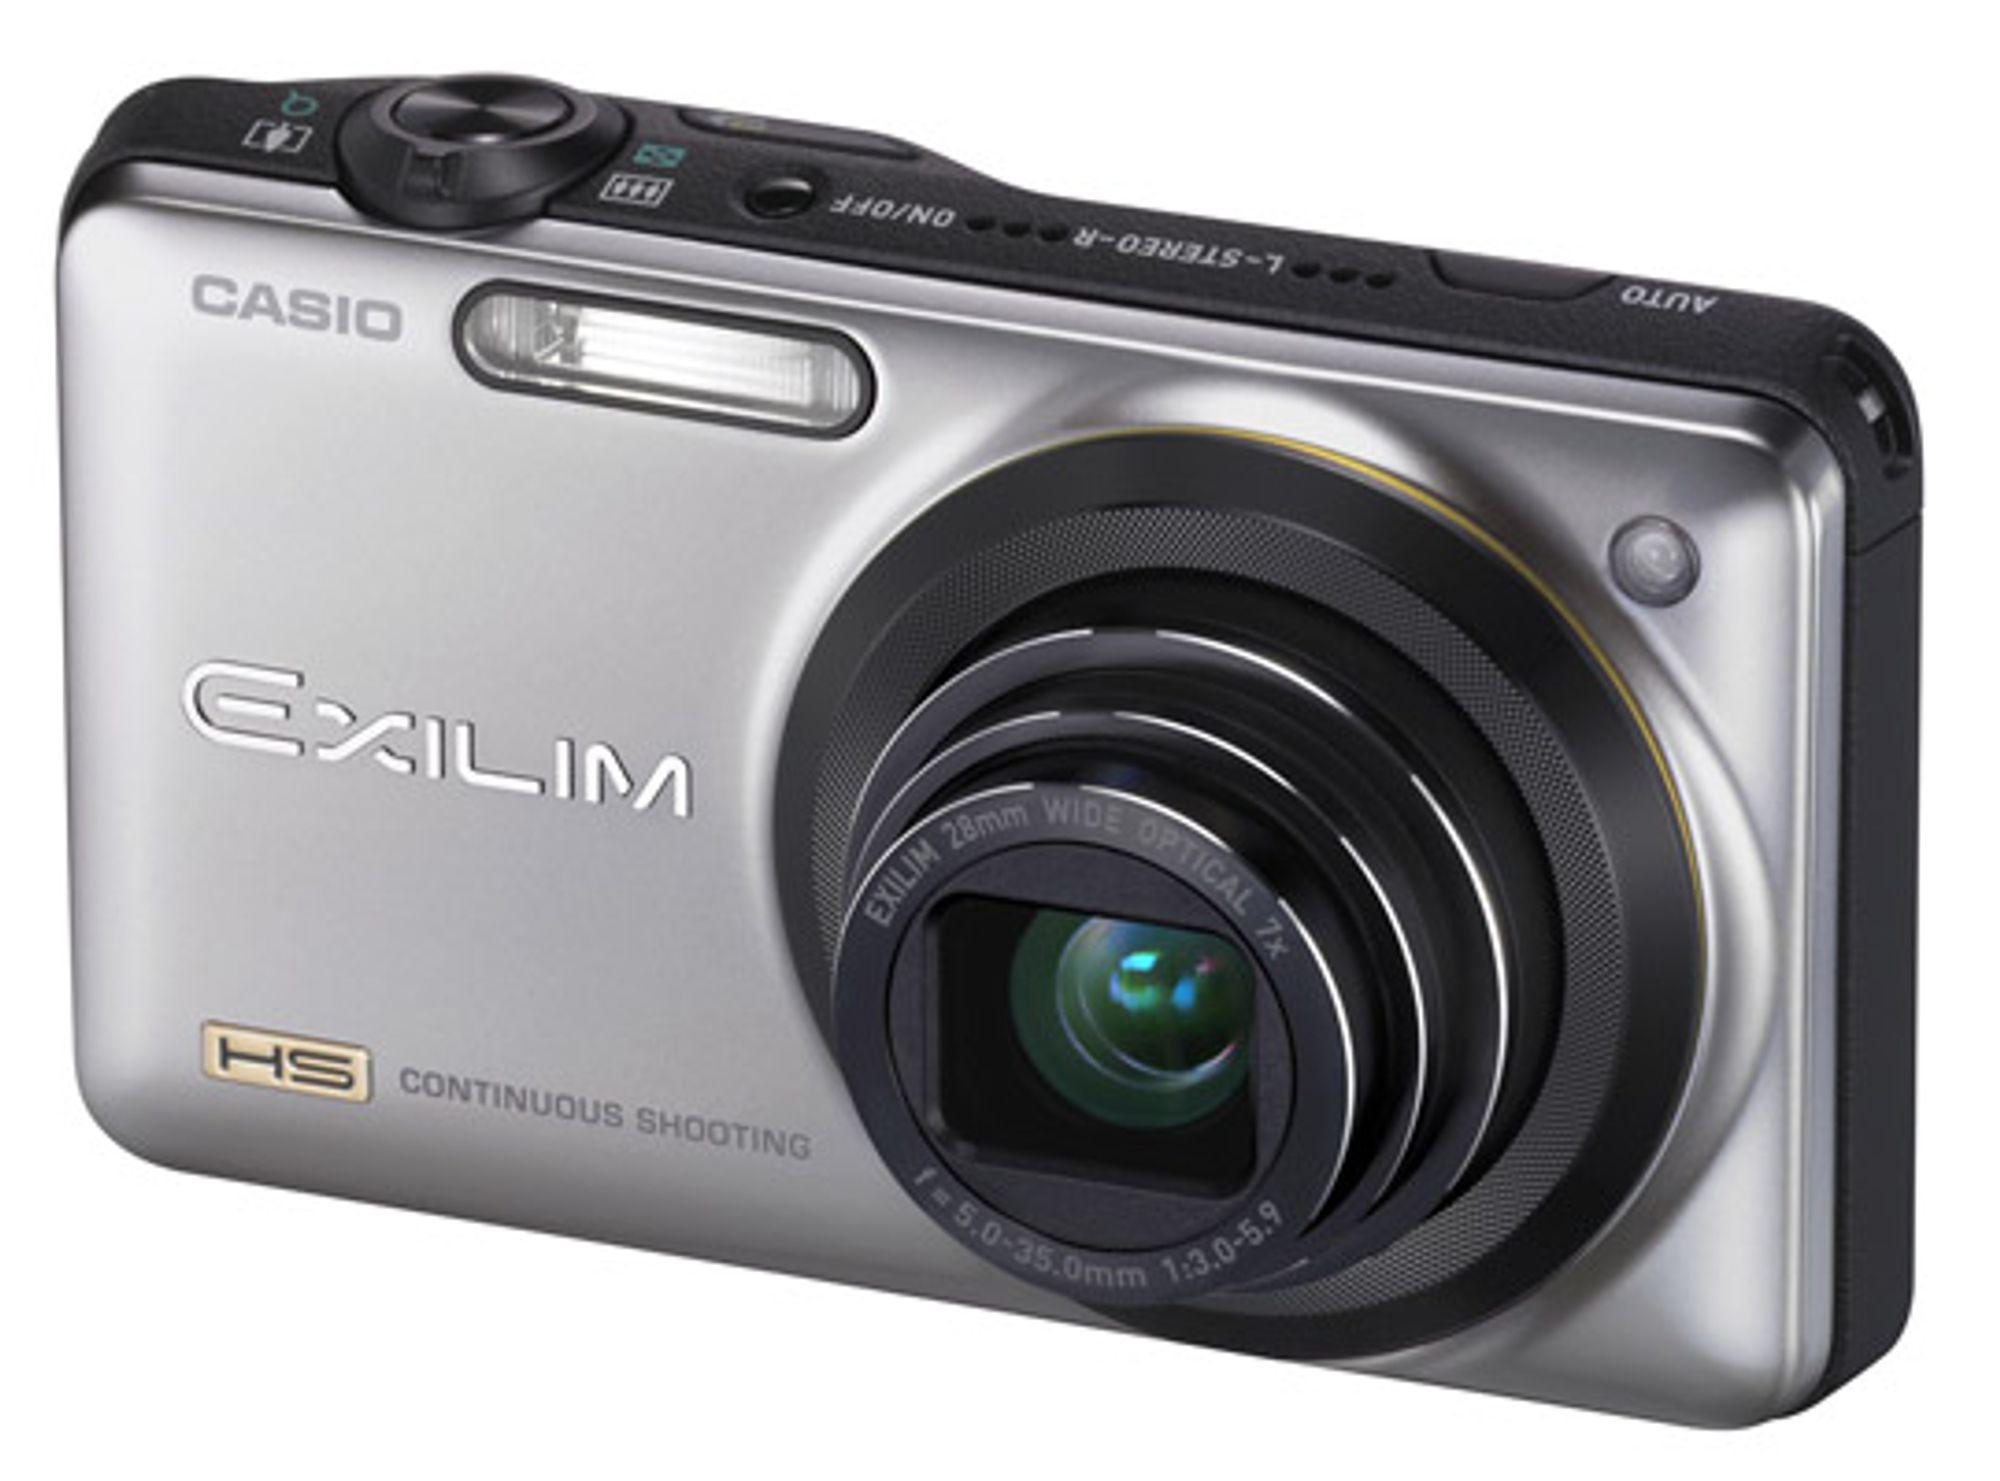 Casio Exilim EX-ZR10. FOTO: Produsenten.